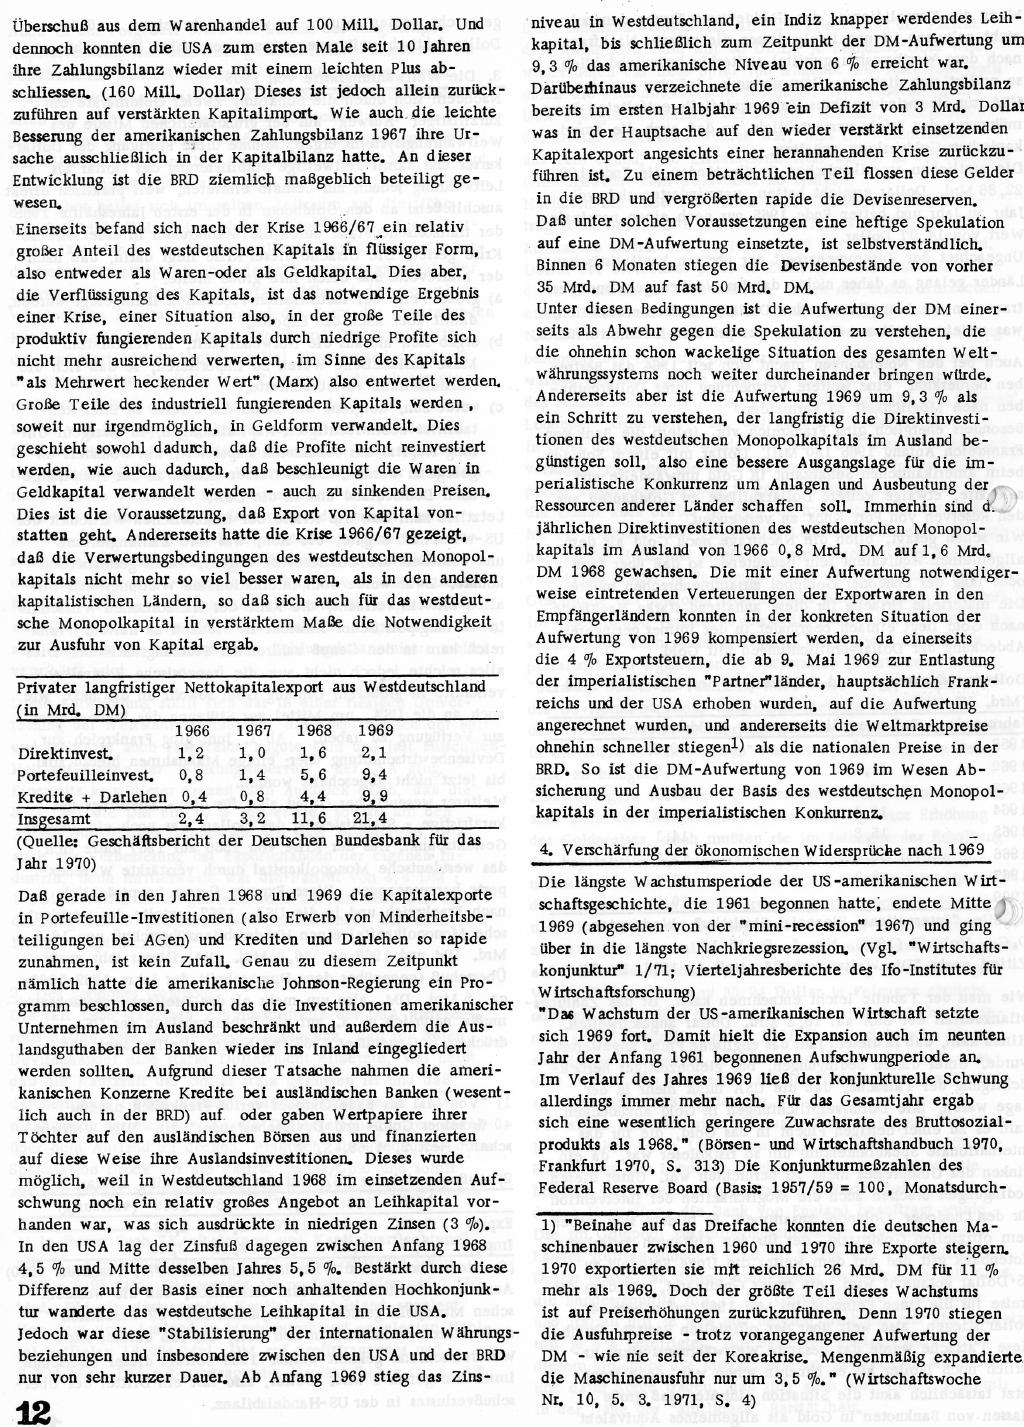 RPK_1971_117_12